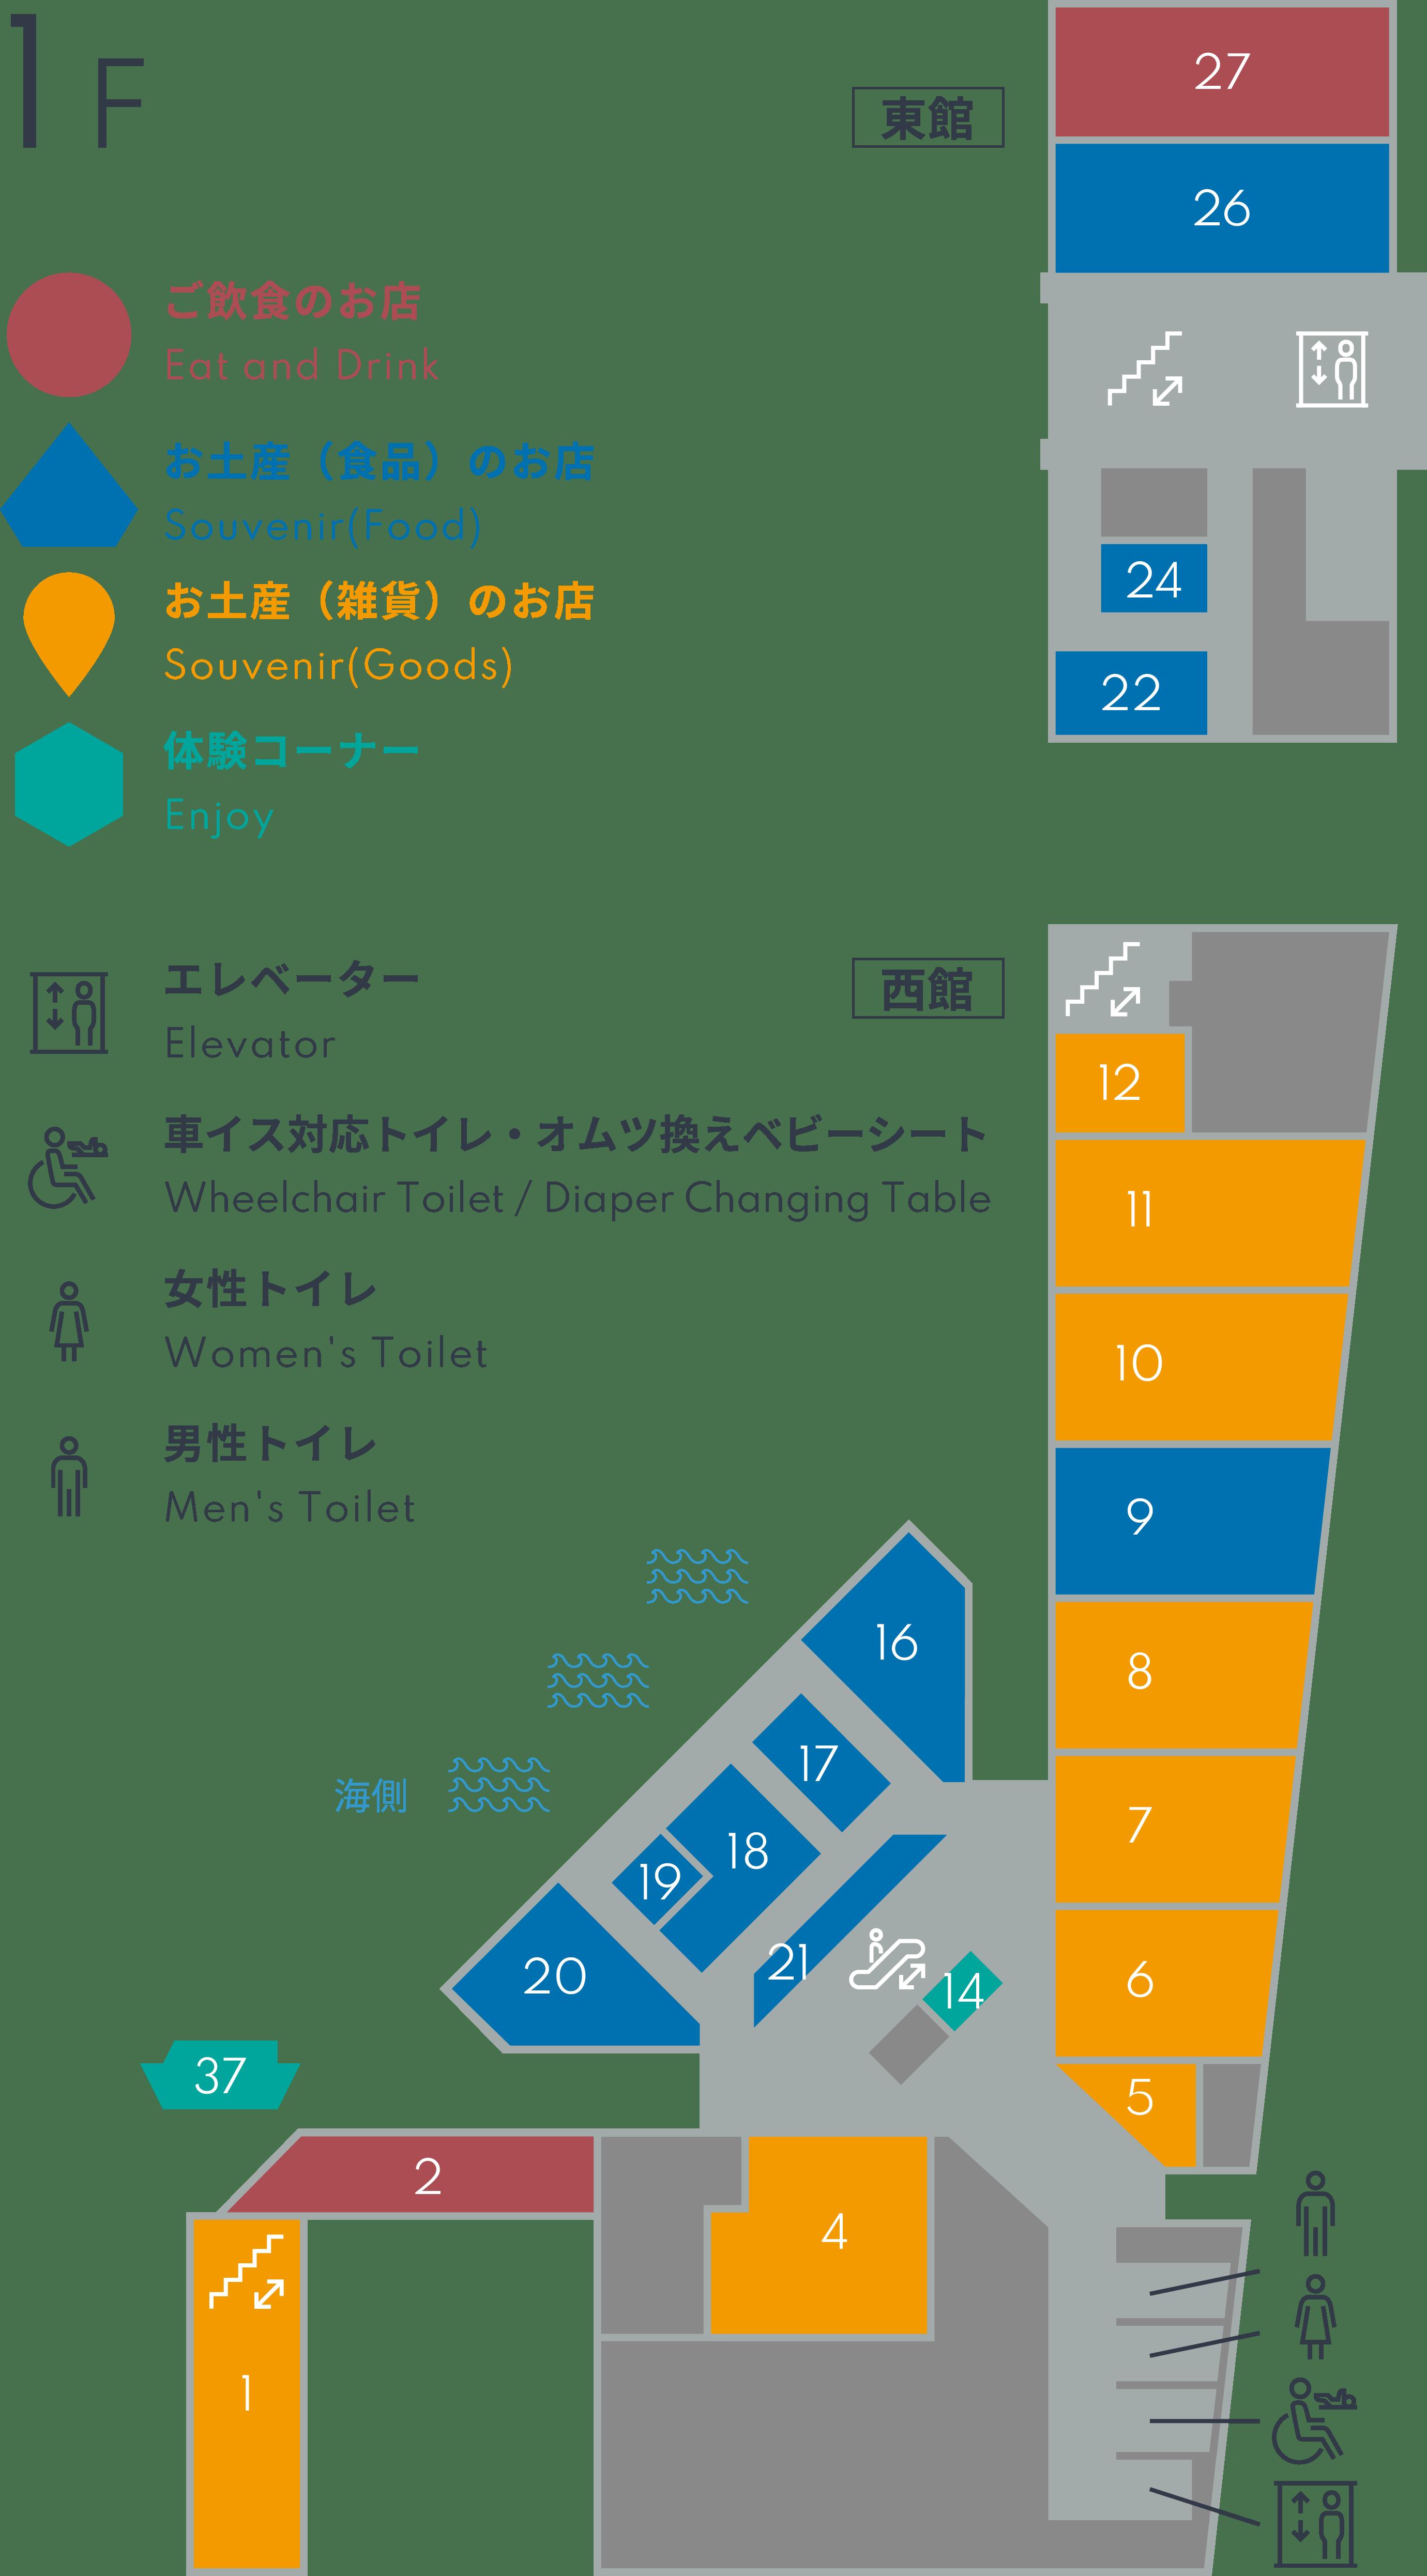 Floor Guide - 1F